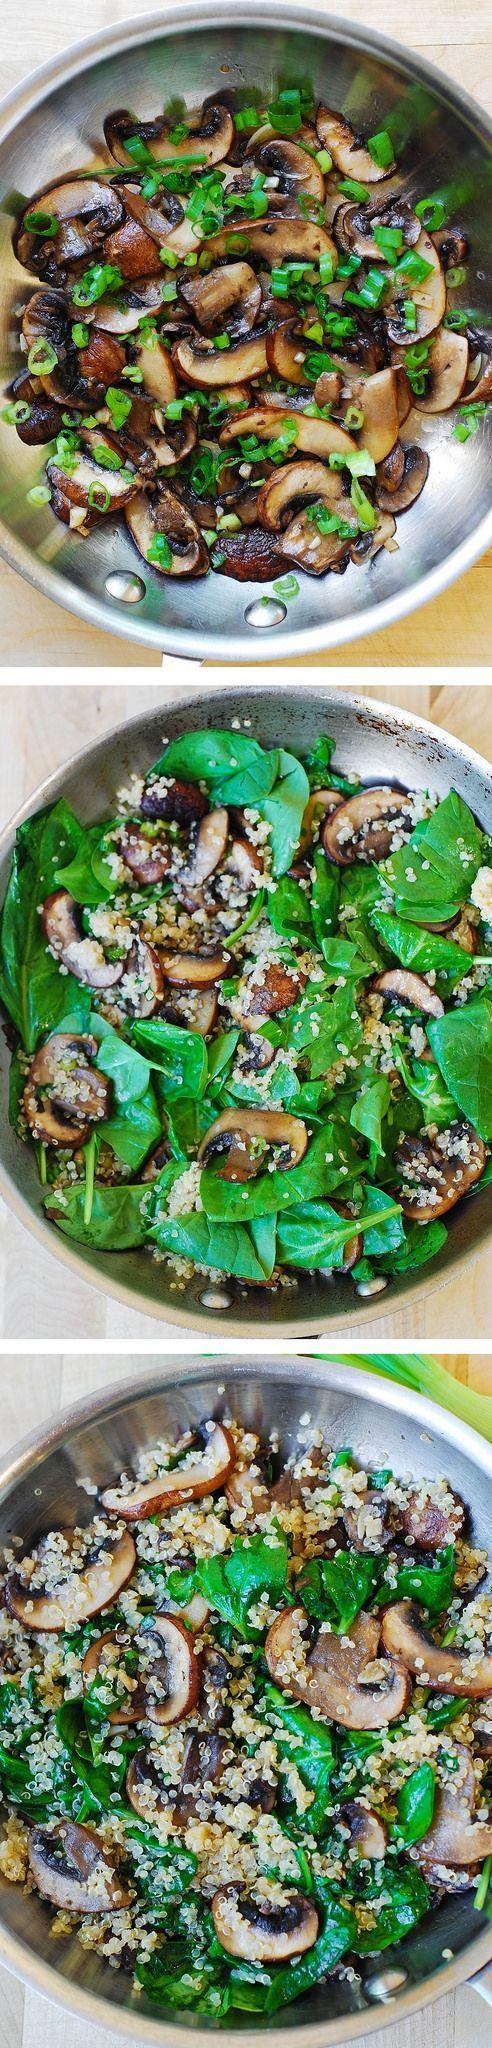 Spinach and mushroom quinoa                                                                                                                                                                                 Más